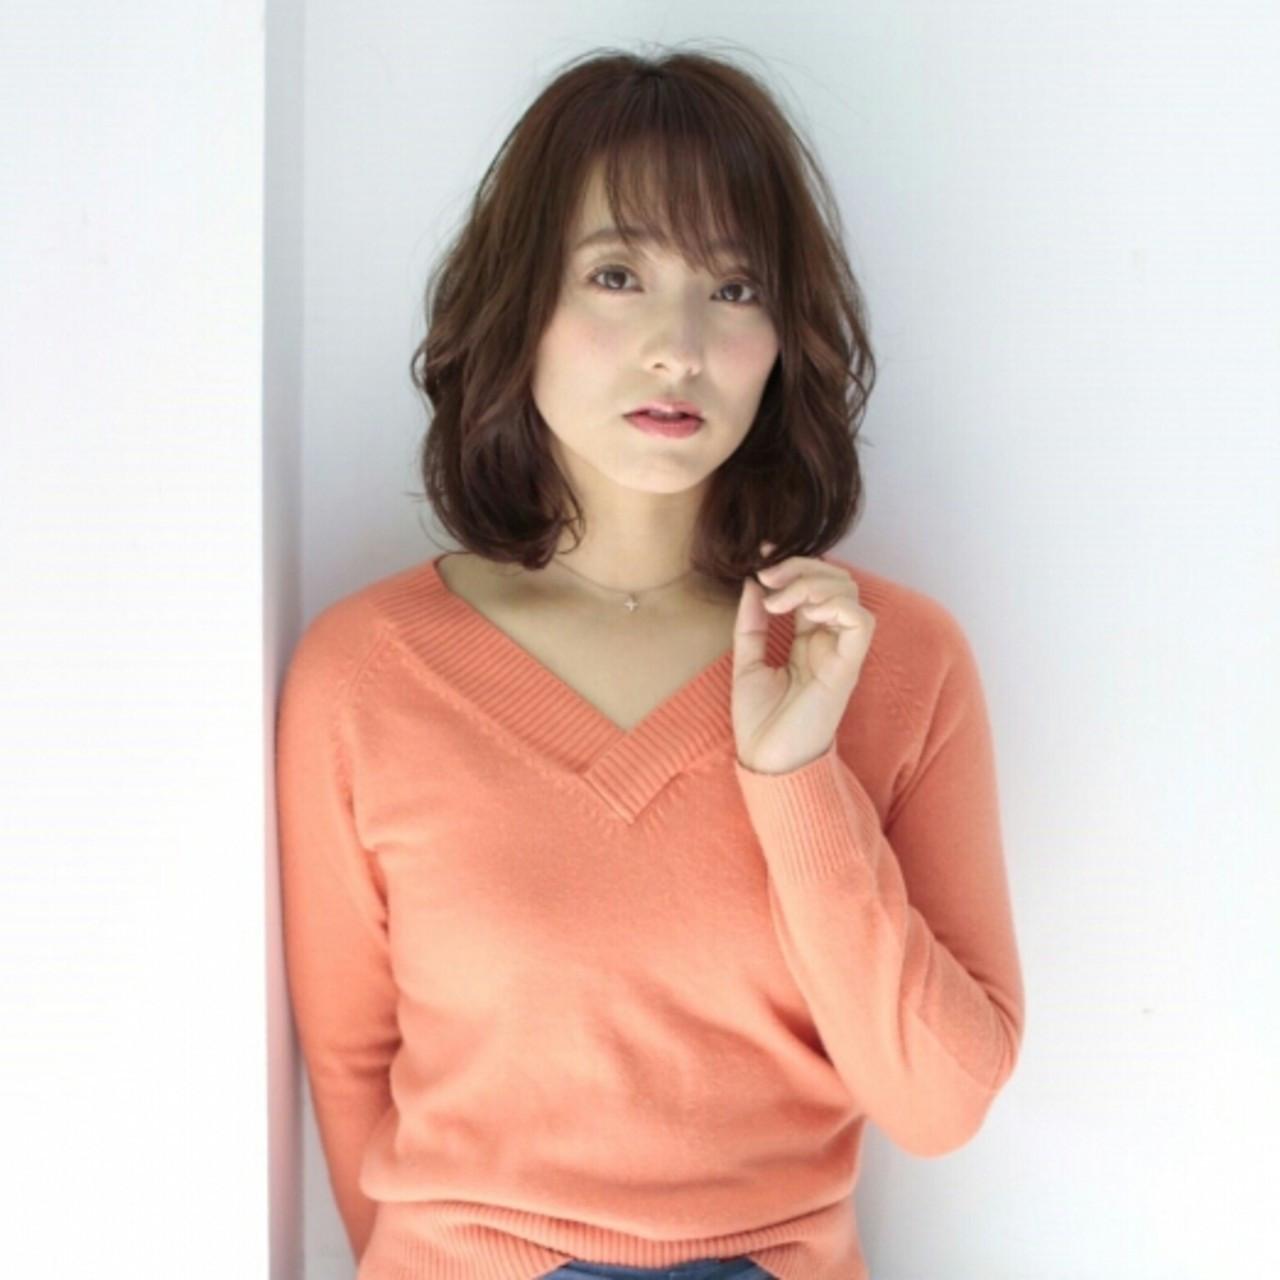 ゆるふわが素敵♪小顔ミディアム asuka